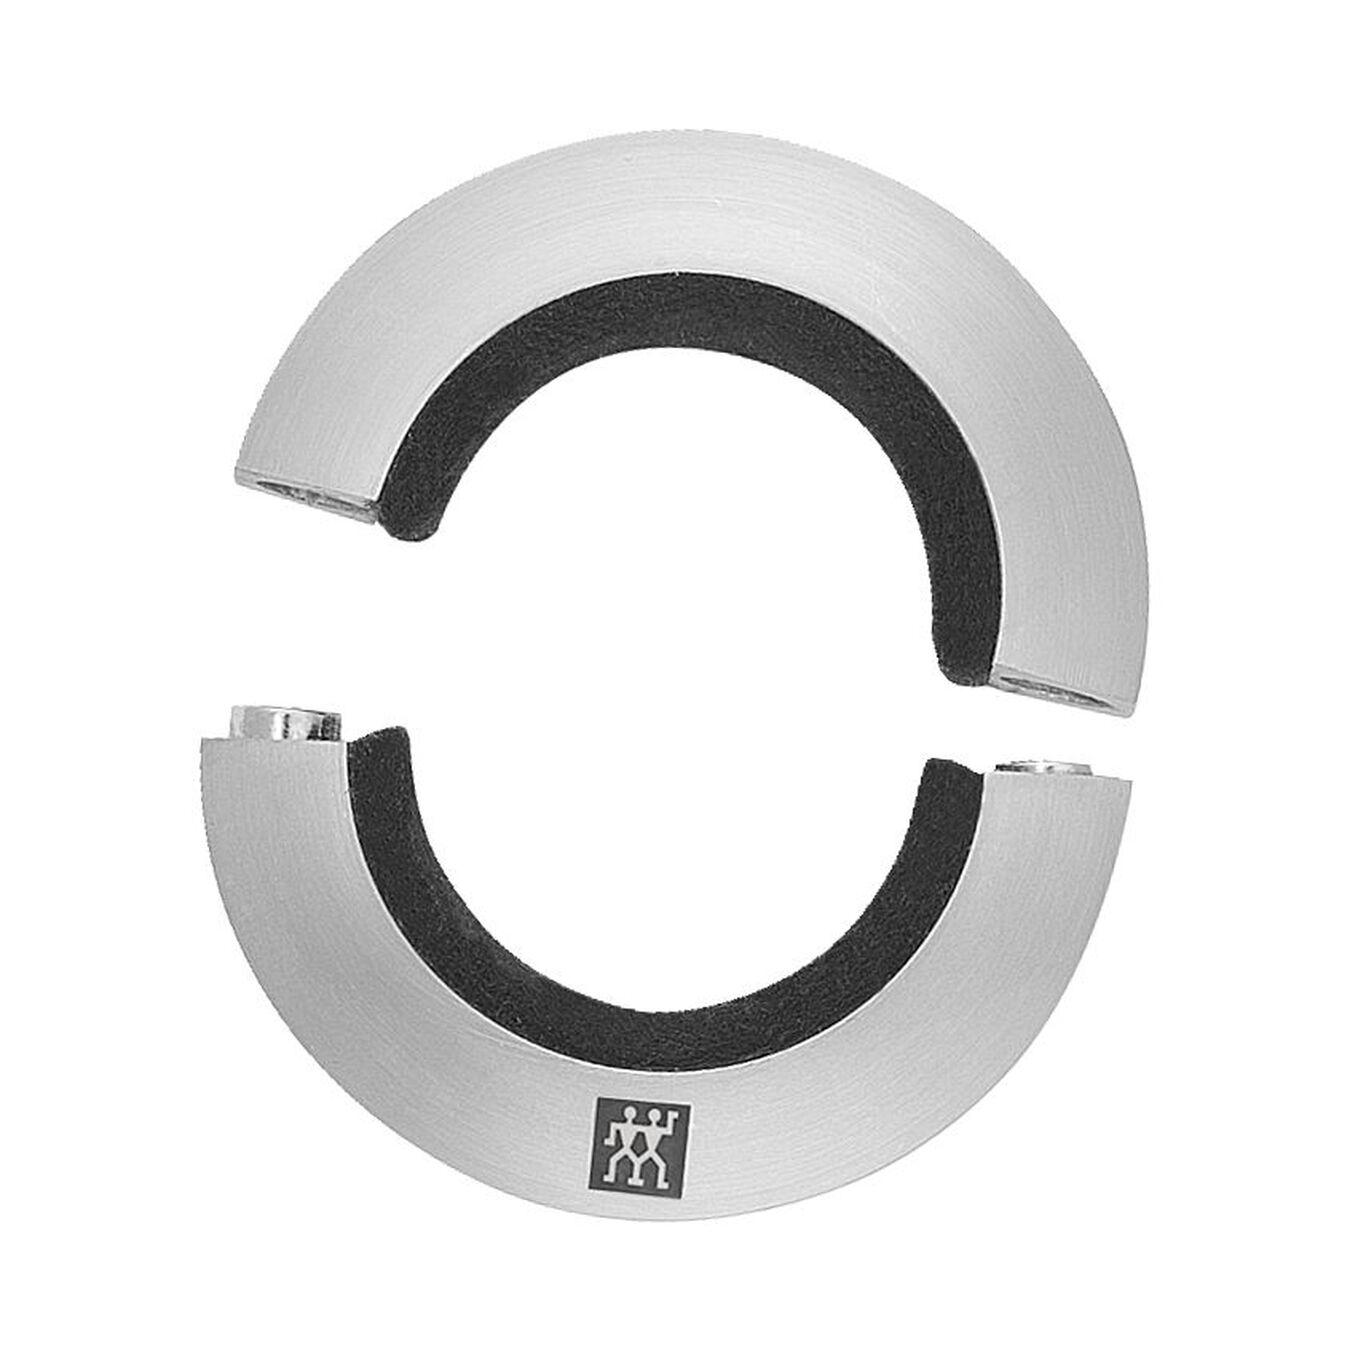 Salvagoccia - 5 cm, acciaio inox,,large 2